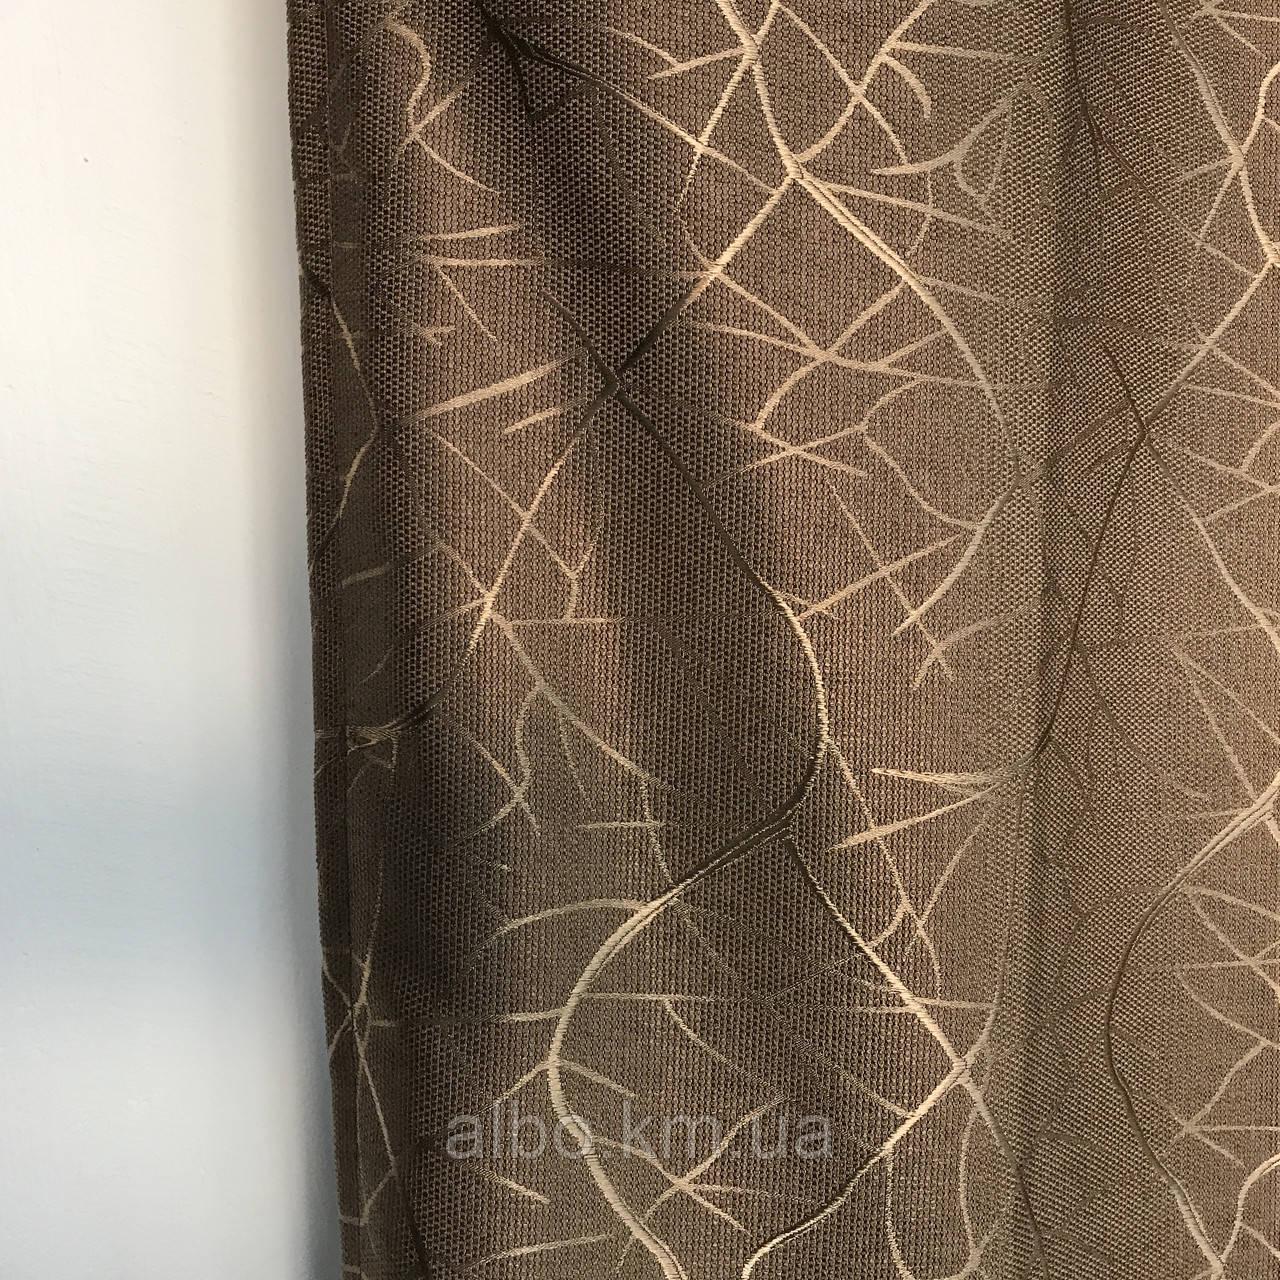 Комплект готовых штор Блэкаут в комнату хол спальню, шторы для зала спальни гостинной, шторы солнцезащитные в